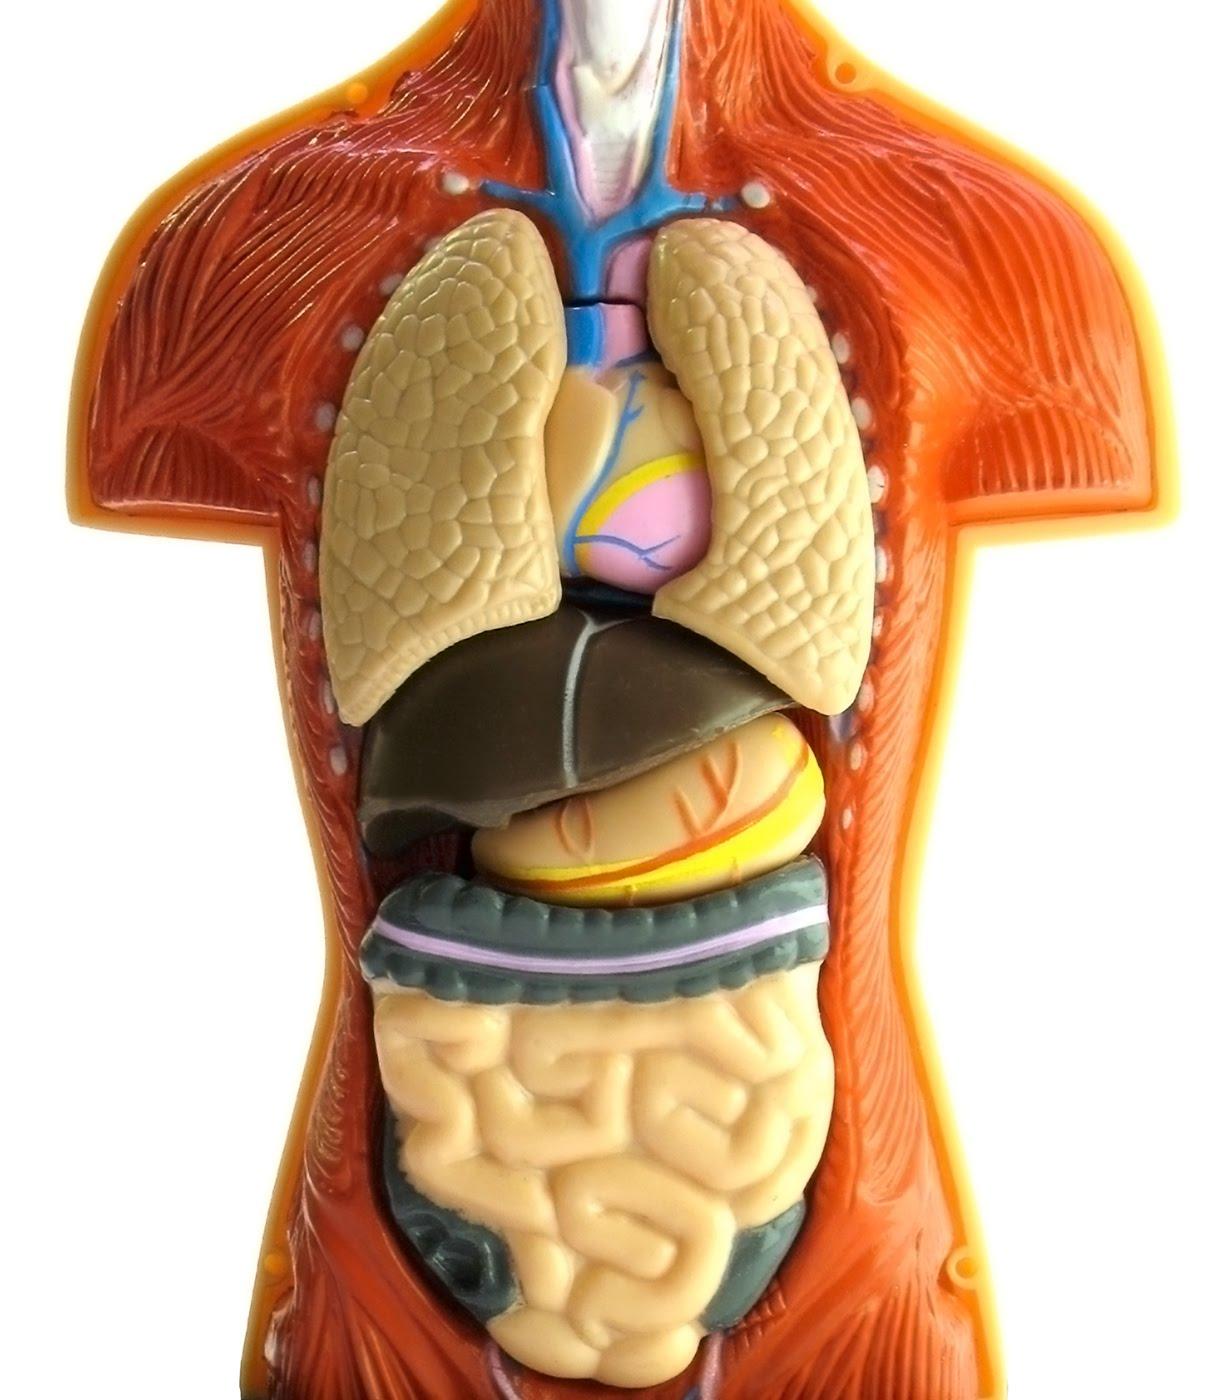 Фото пивного человека внутренние органы 4